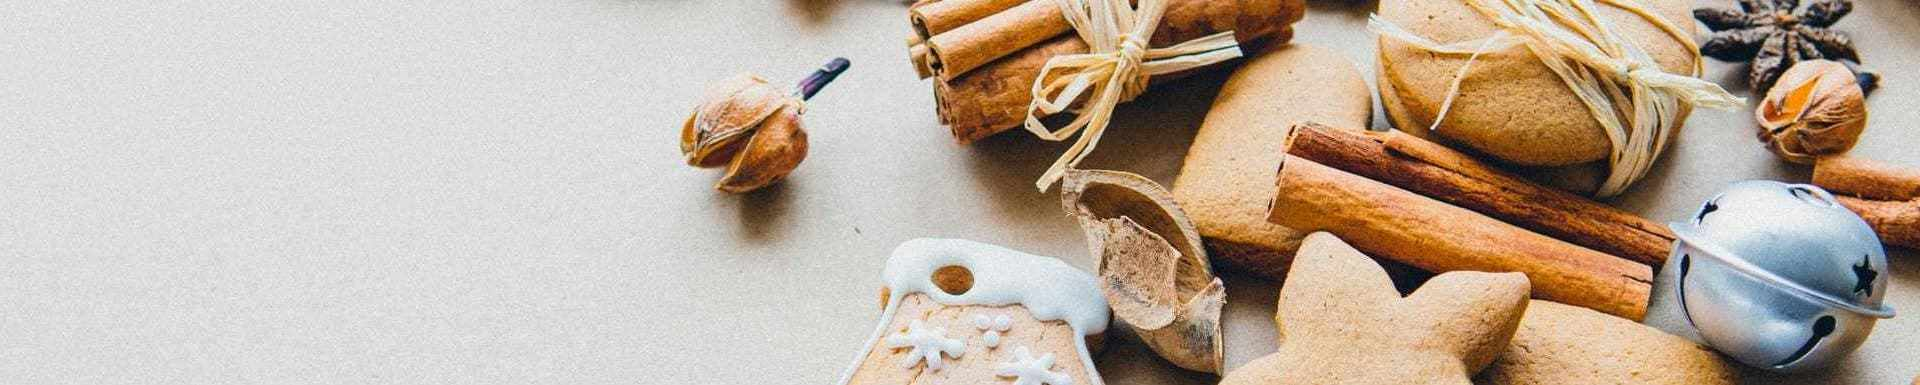 recetas fáciles para despedir el año - Glovo